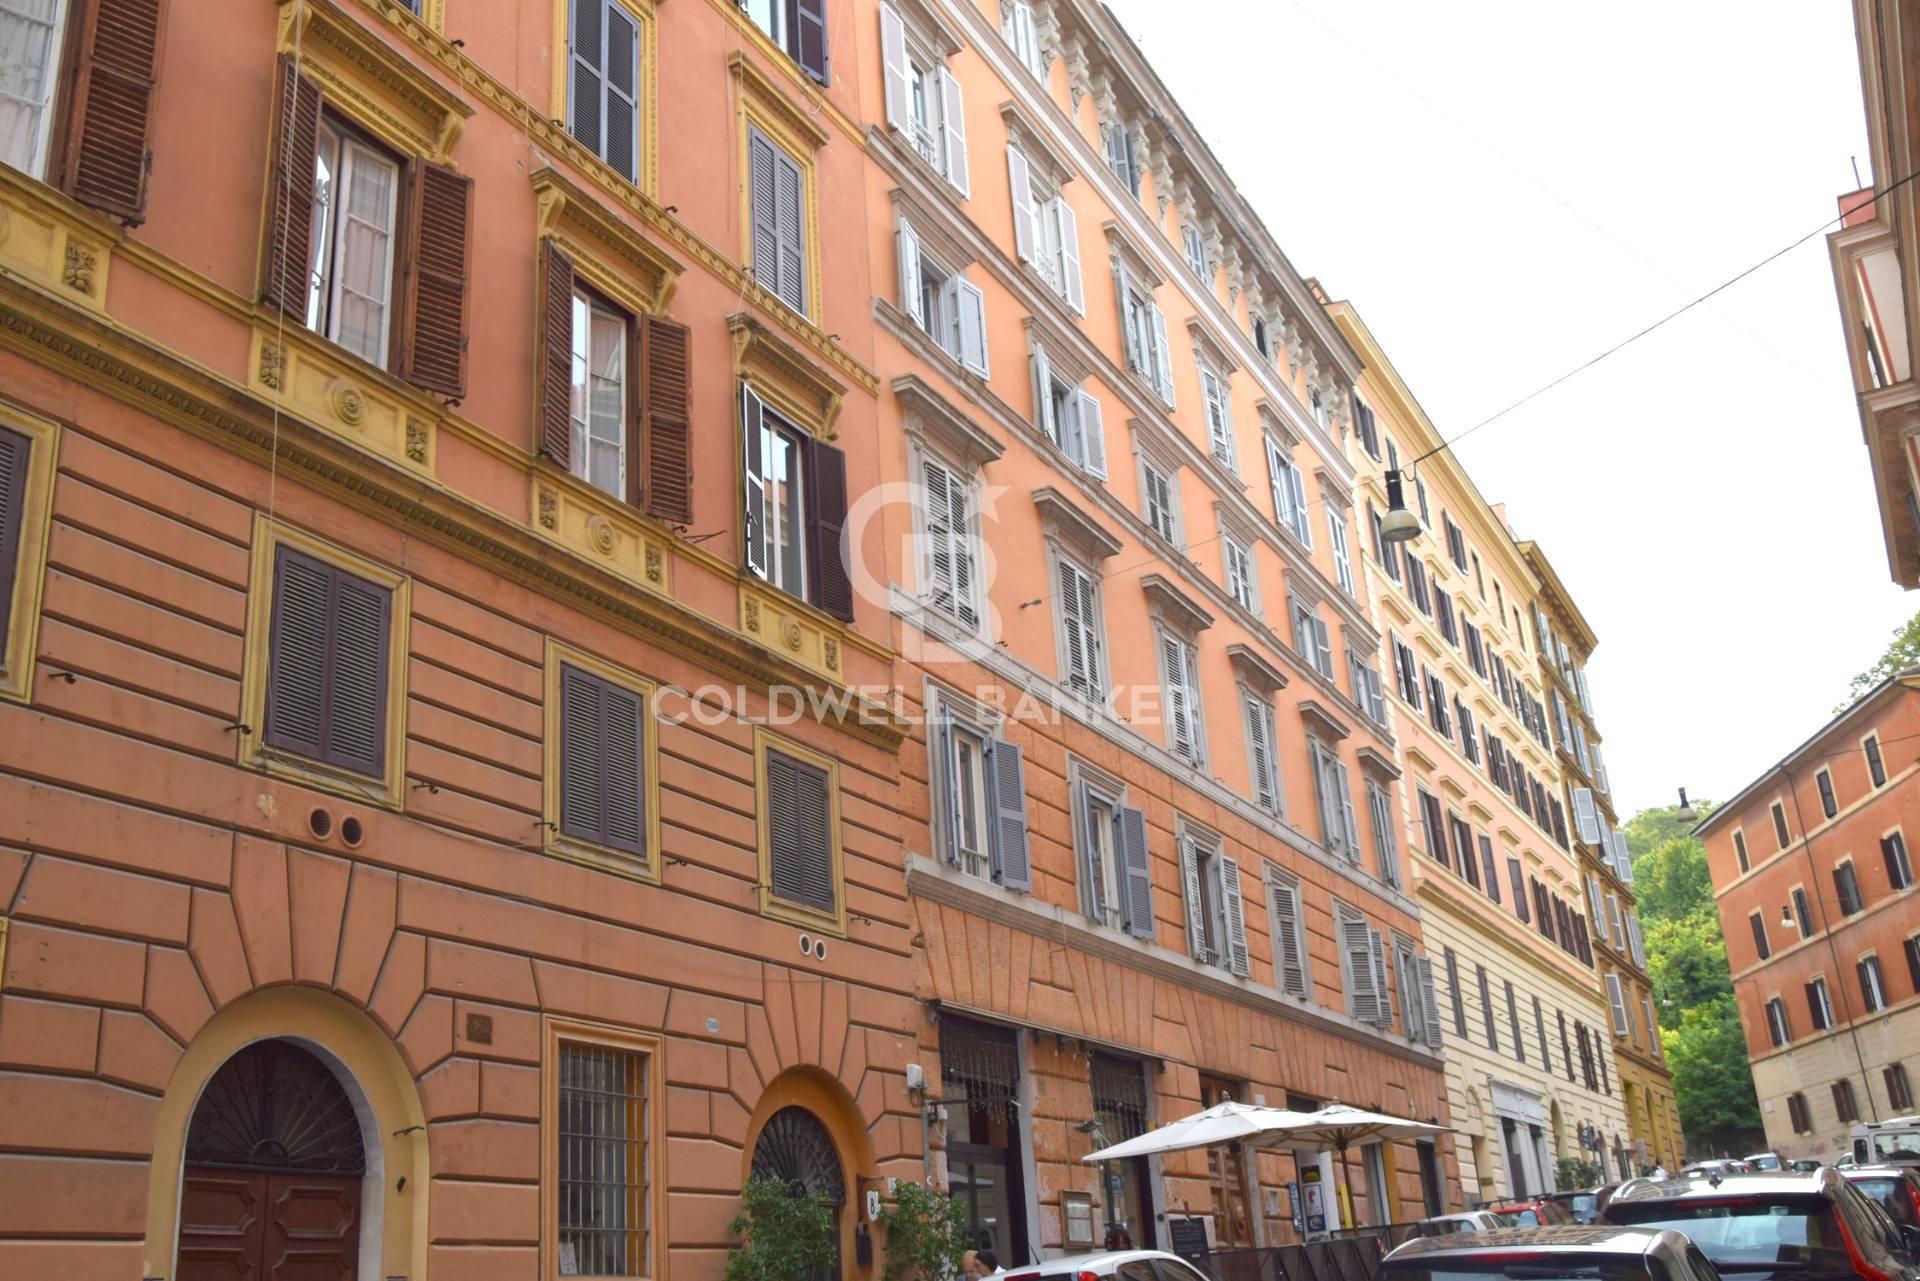 Appartamento in vendita a Roma, 3 locali, zona Zona: 25 . Trastevere - Testaccio, prezzo € 465.000 | CambioCasa.it